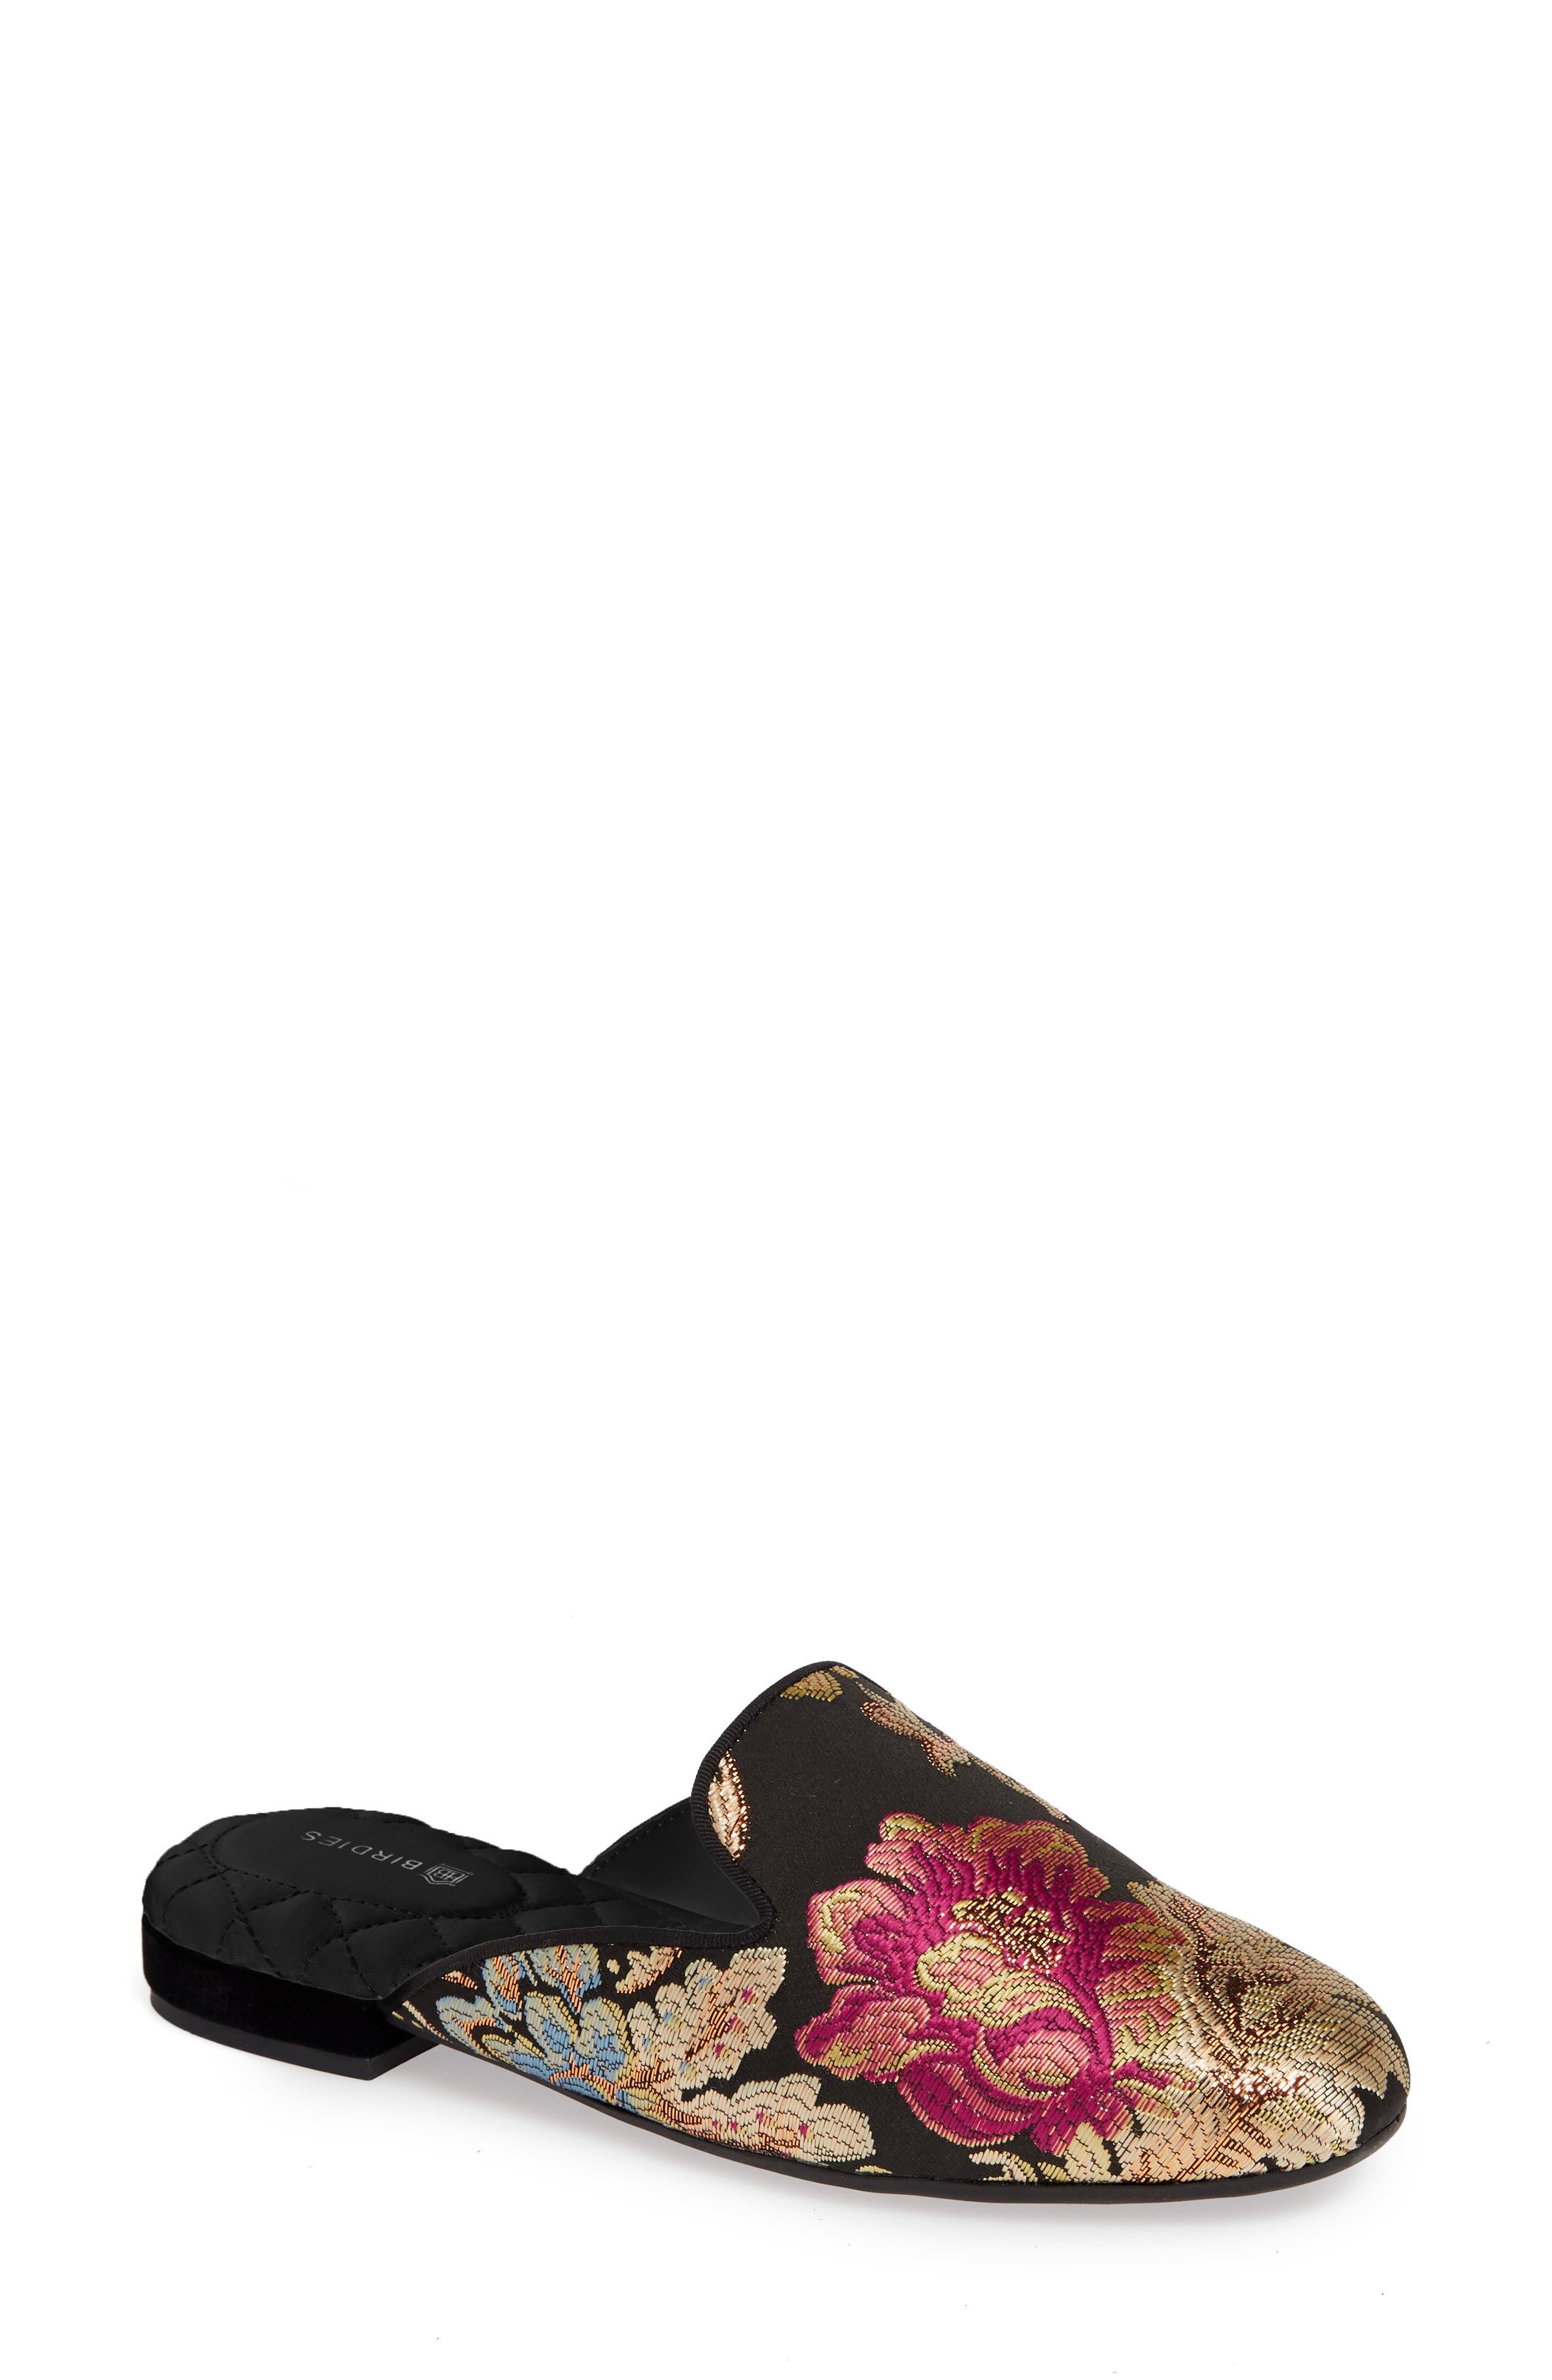 Phoebe Slipper,                             Main thumbnail 1, color,                             FLORAL JACQUARD SATIN